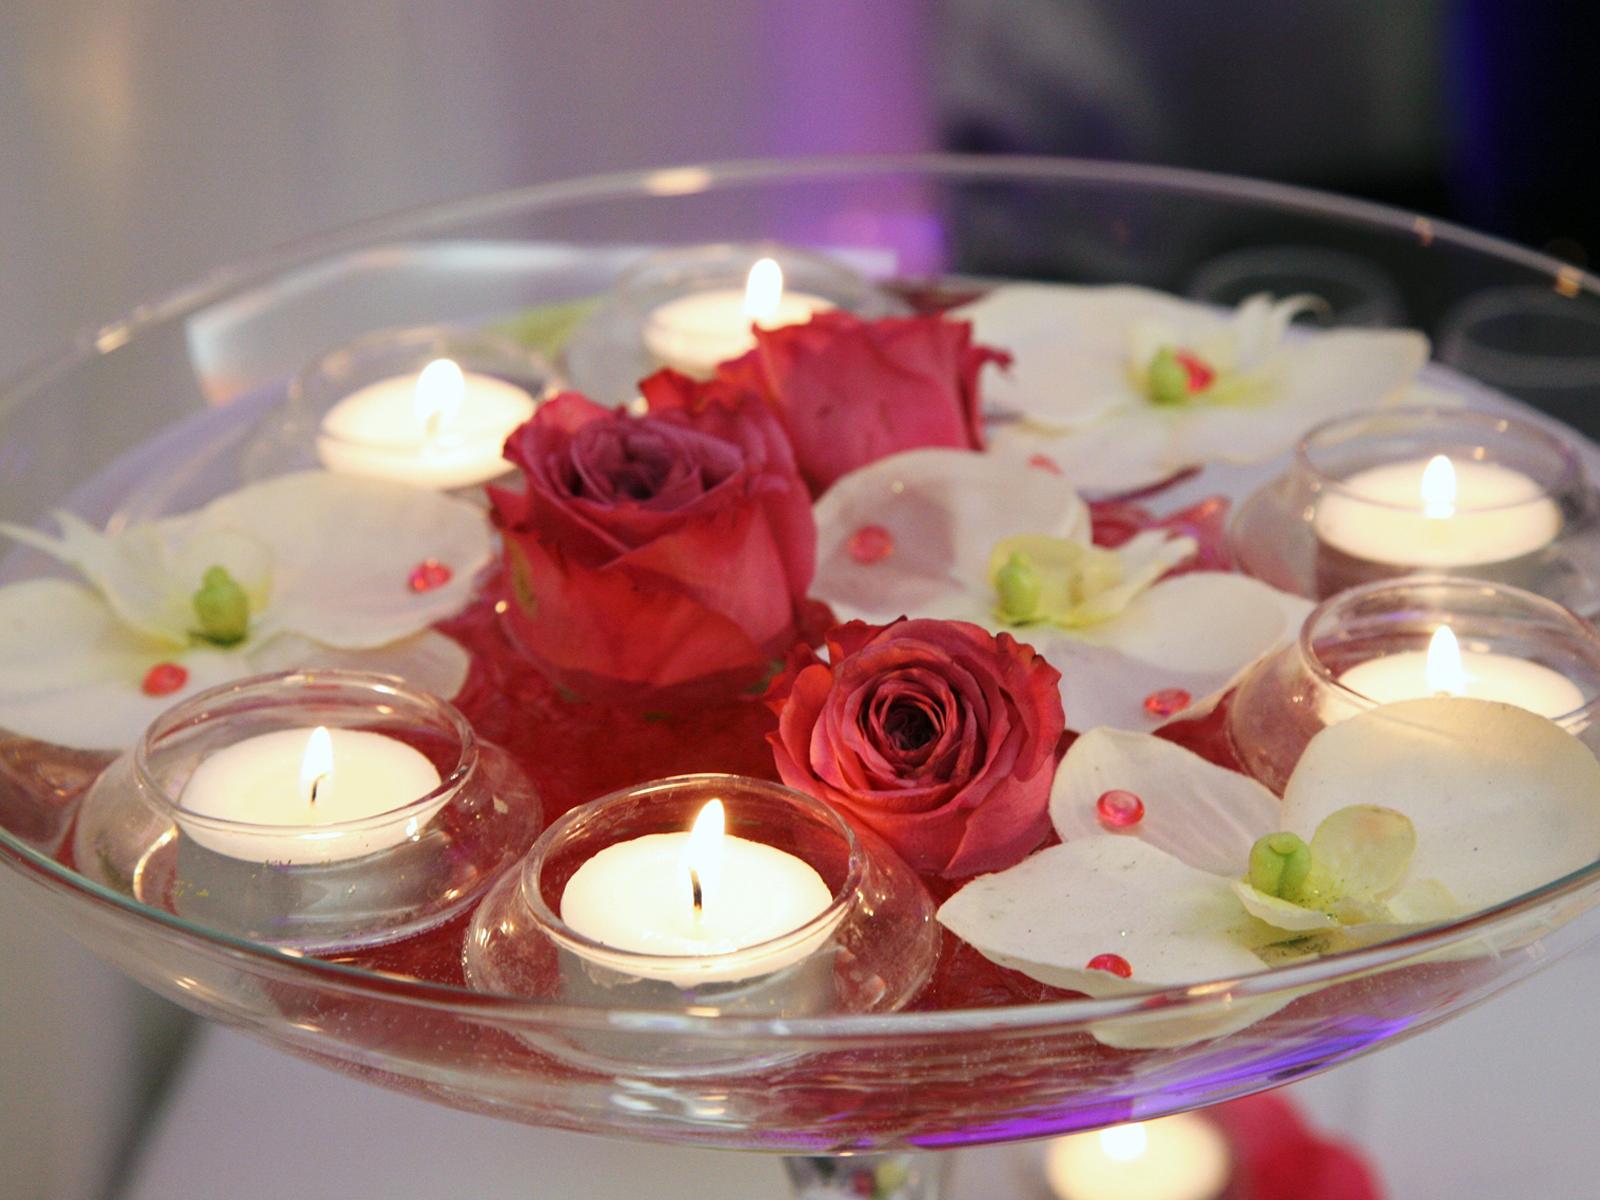 Centre de table venezia centres de tables live events d corateur - Bougie centre de table mariage ...